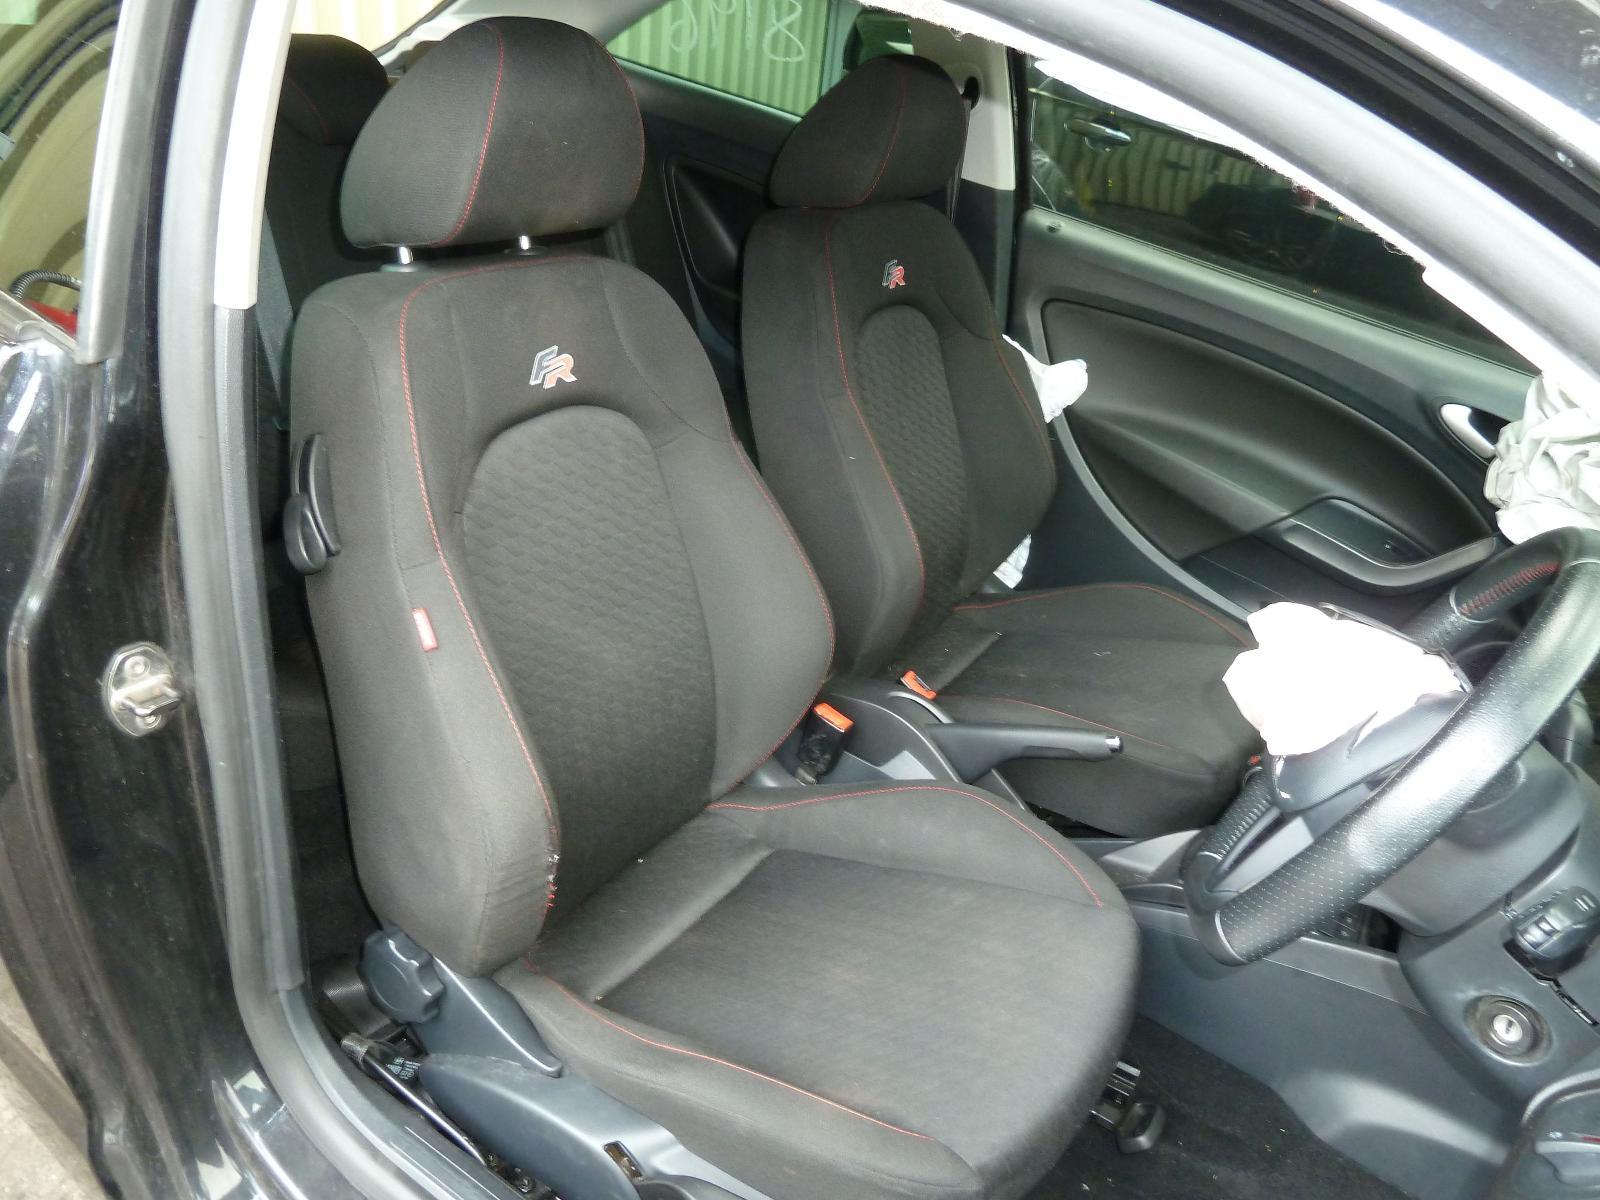 View SEAT IBIZA 2010 3 Door Hatchback